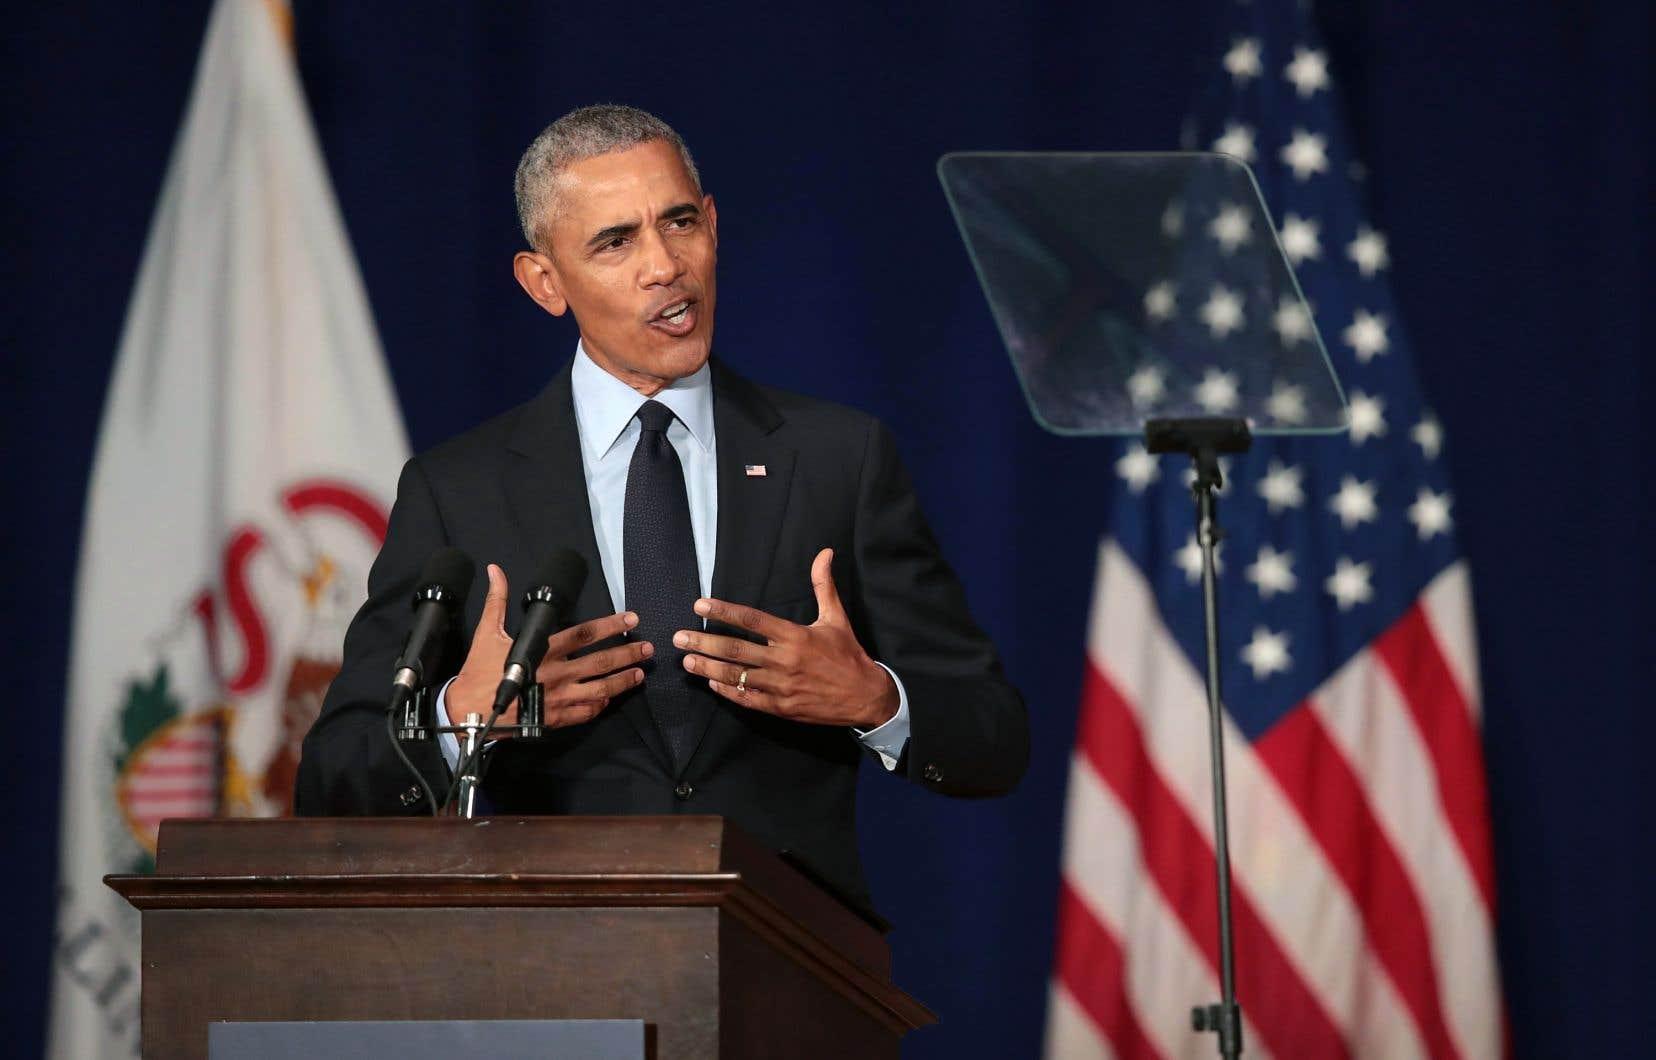 Barack Obama est revenu sur les événements des derniers jours qui ont, une nouvelle fois, secoué la Maison-Blanche.